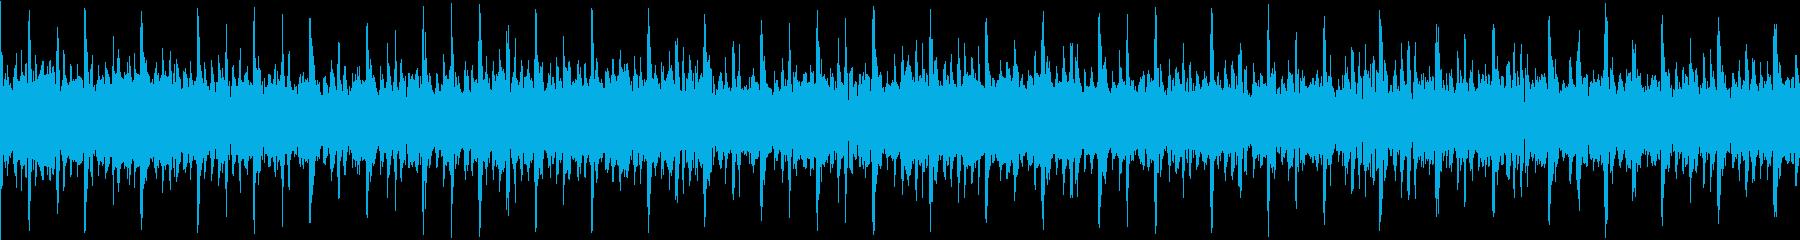 ループ_シリアスな曲調のEDM2の再生済みの波形